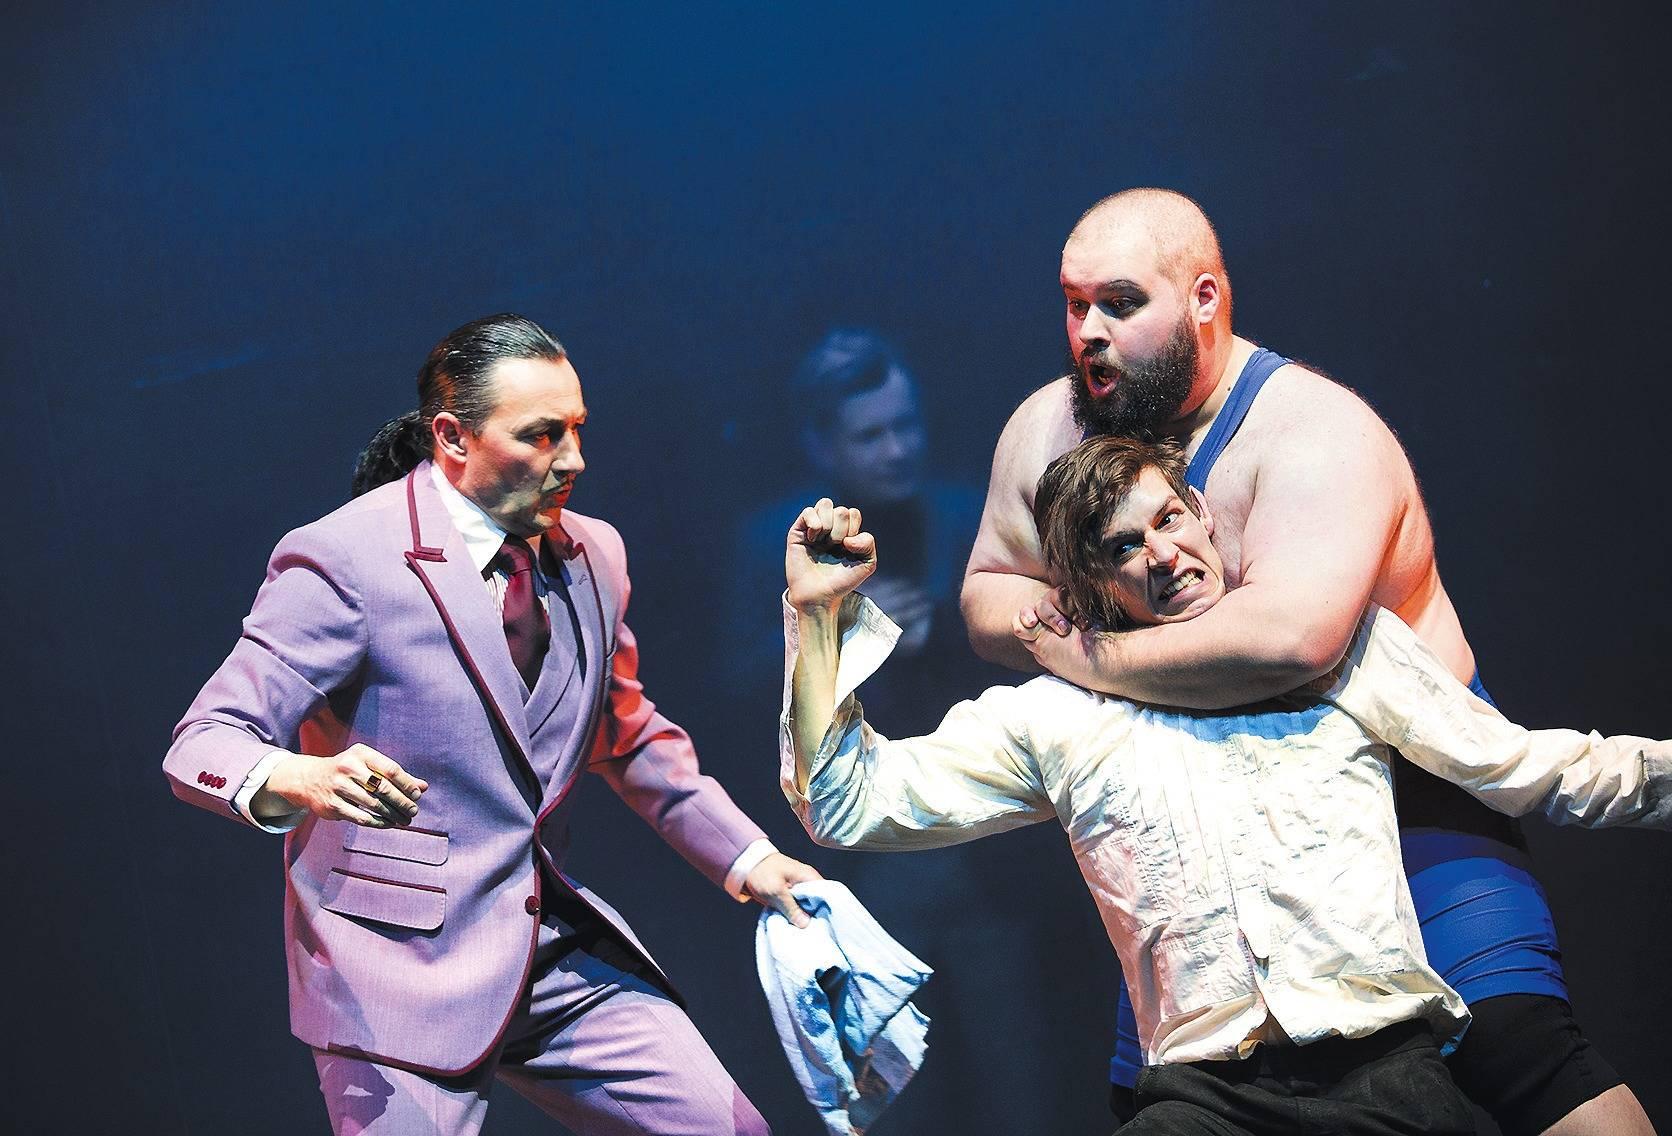 Im Würgegriff: Julius Forster in Wie es euch gefällt am Nationaltheater Mannheim © Florian Merdes